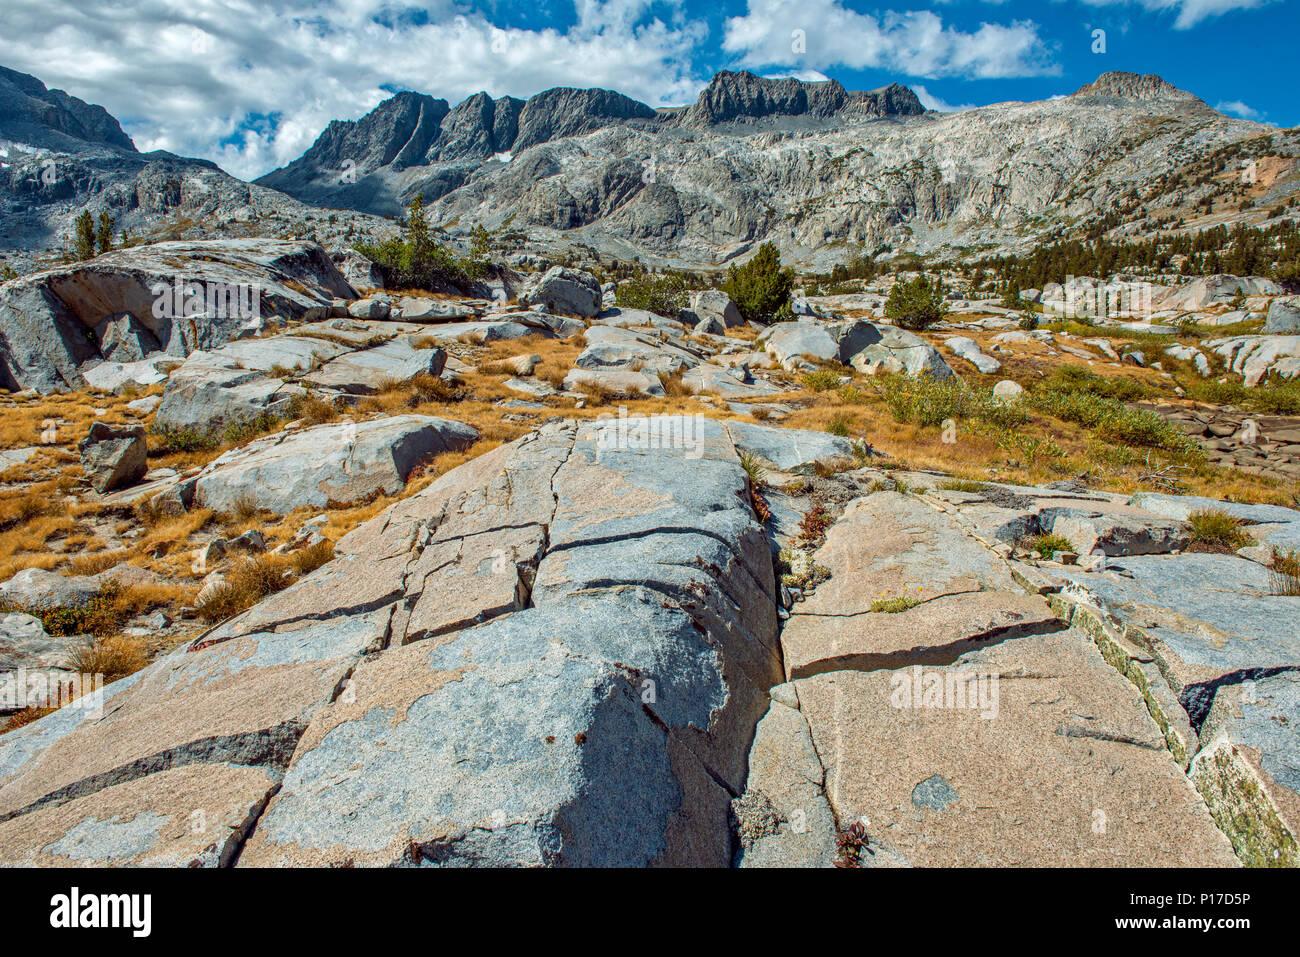 Norden Gletscher, Berg Ritter, Ansel Adams Wilderness, Inyo National Forest, östlichen Sierra, Kalifornien Stockbild